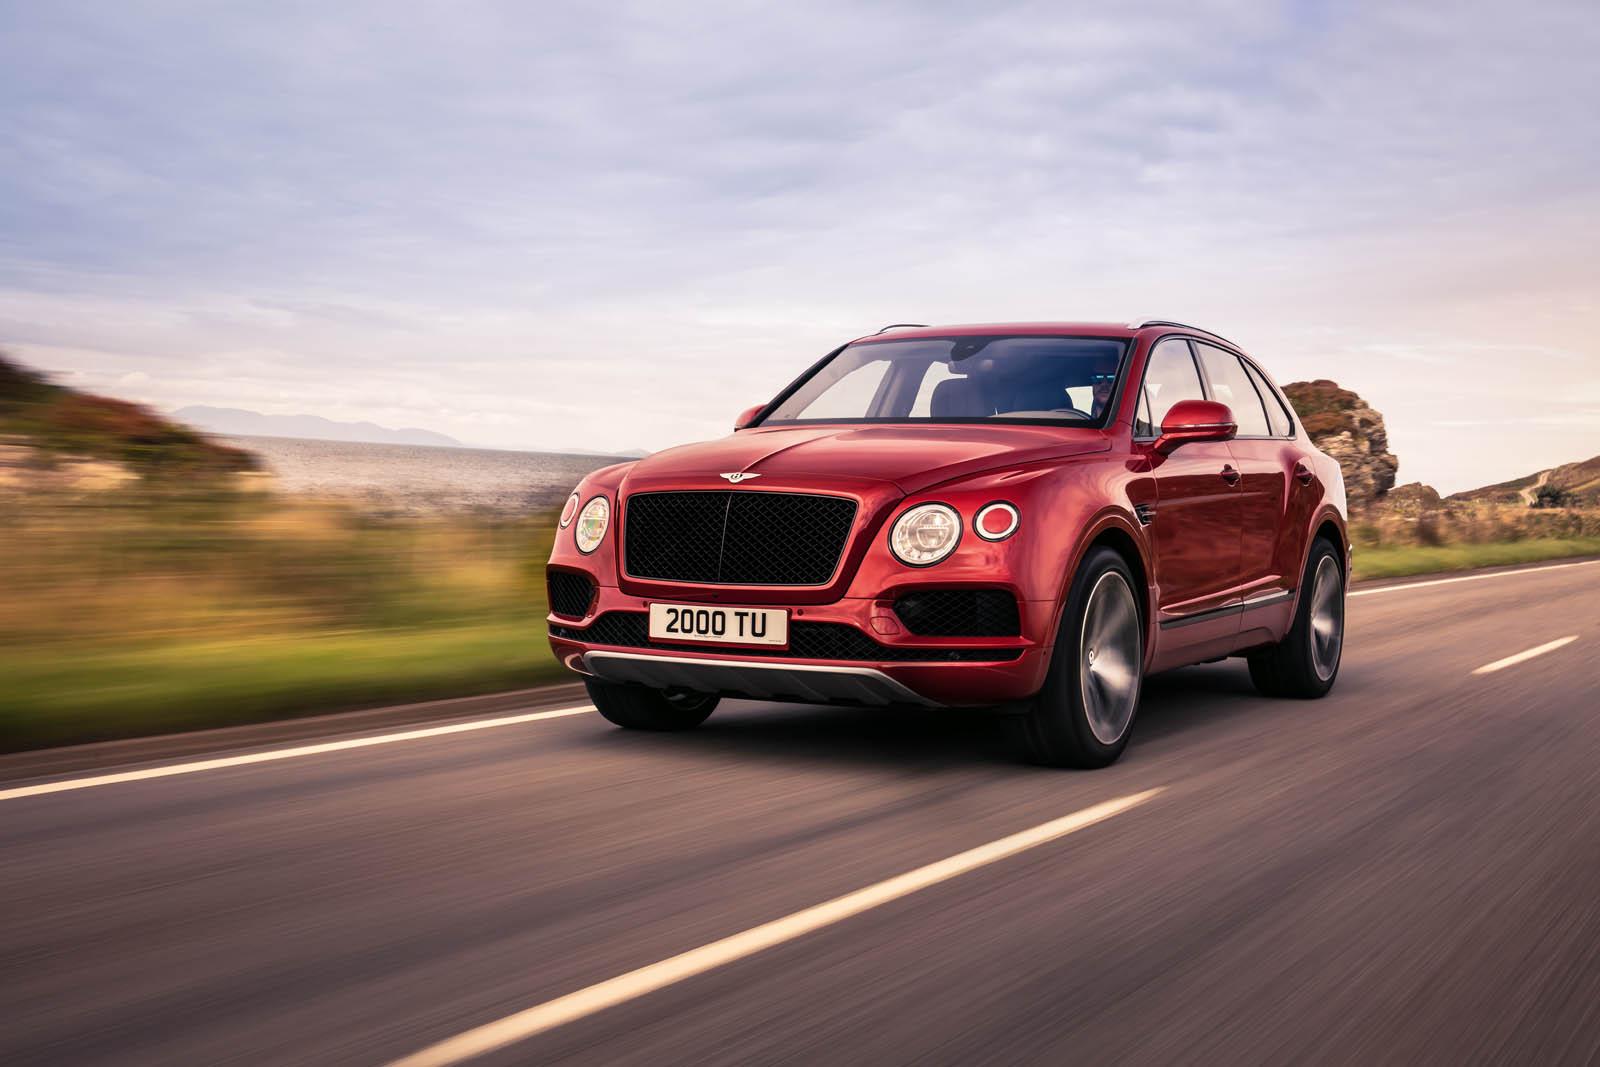 Британский автопроизводитель люксовых автомобилей Bentley Motors официально презентовал роскошный внедорожник Bentley Bentayga с бензиновым силовым агрегатом